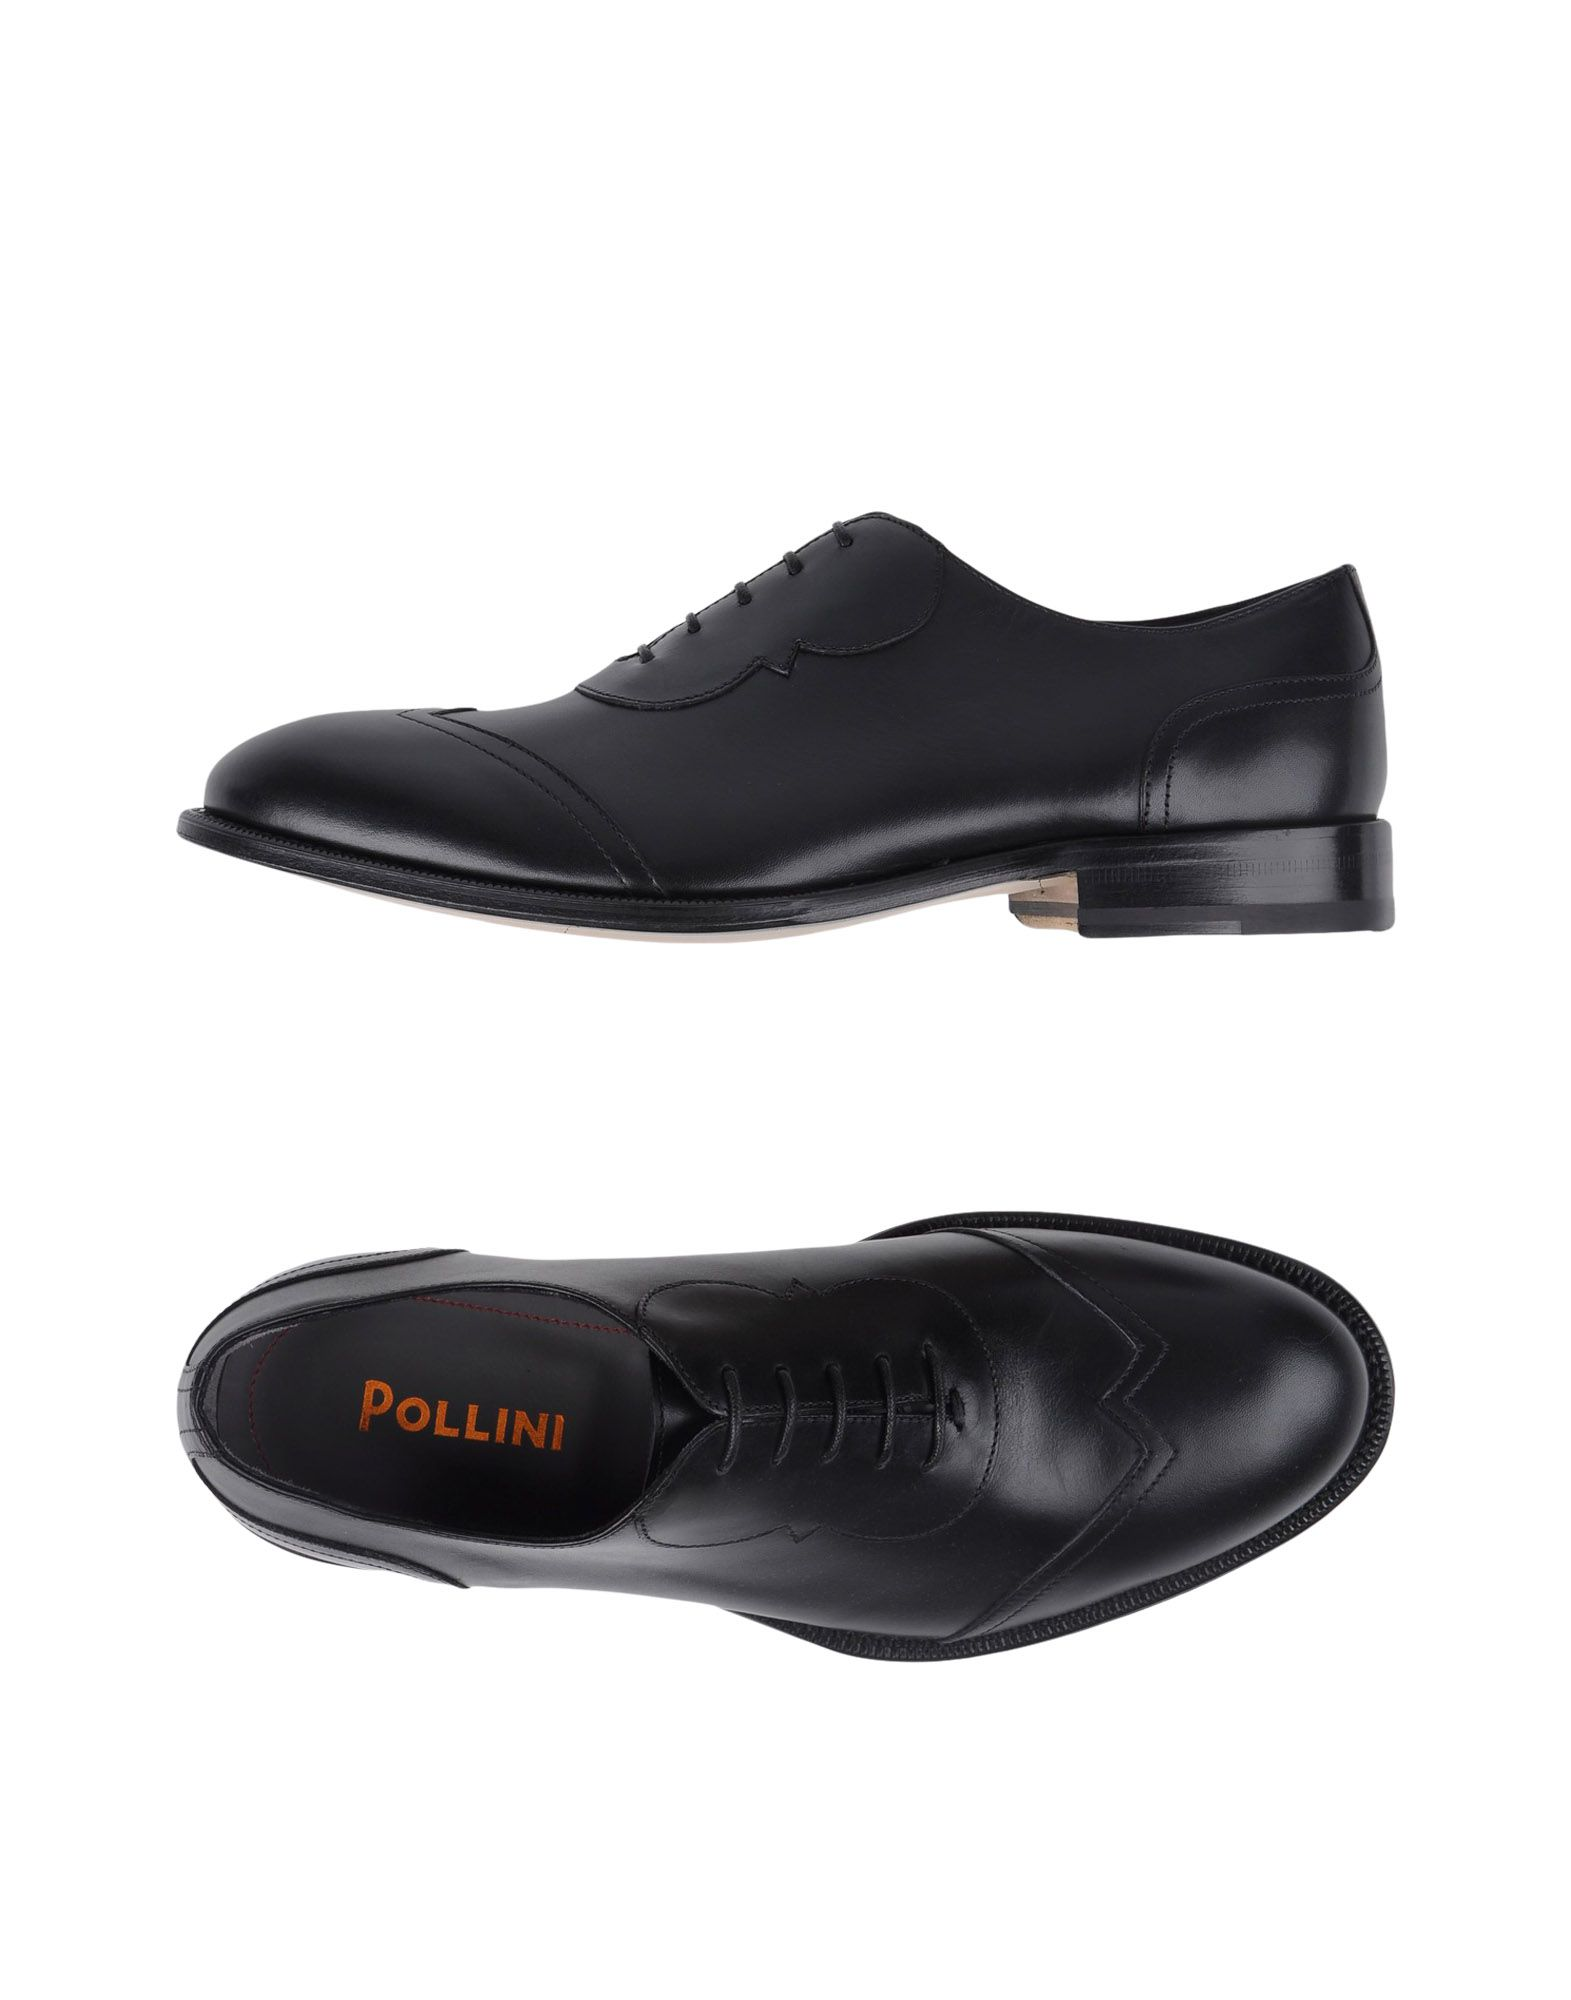 Moda Stringate Pollini Uomo - 11331298XC